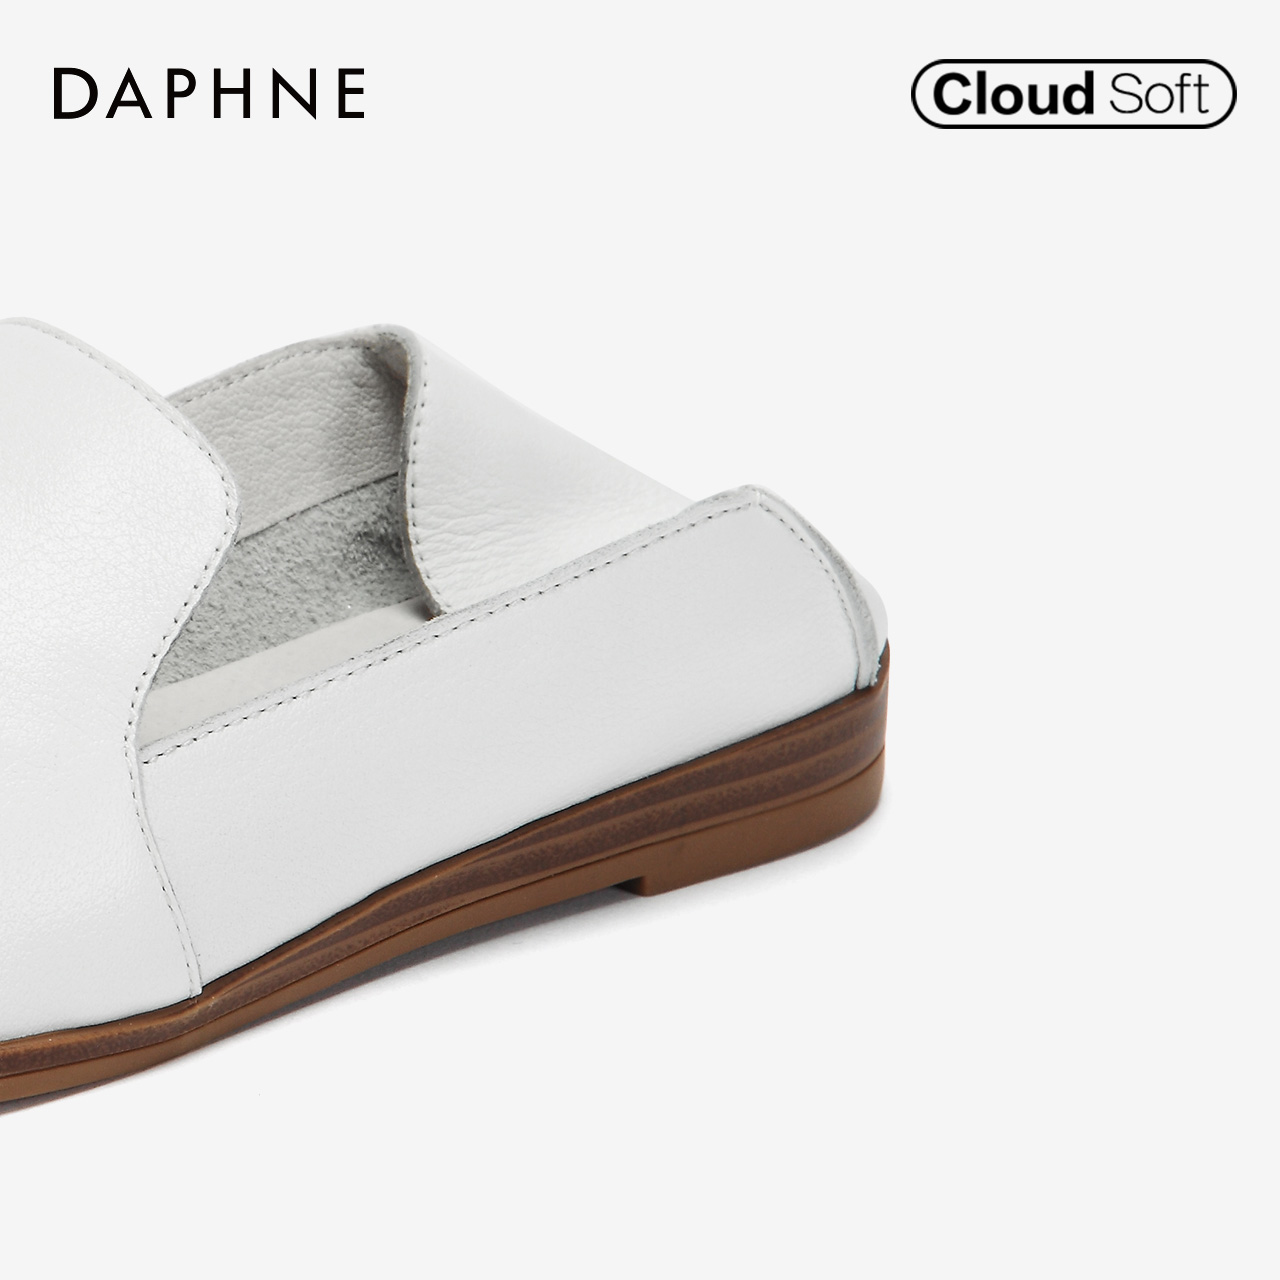 秋季新款纯色牛皮乐福鞋时尚两穿低跟单鞋女 2018 达芙妮 Daphne